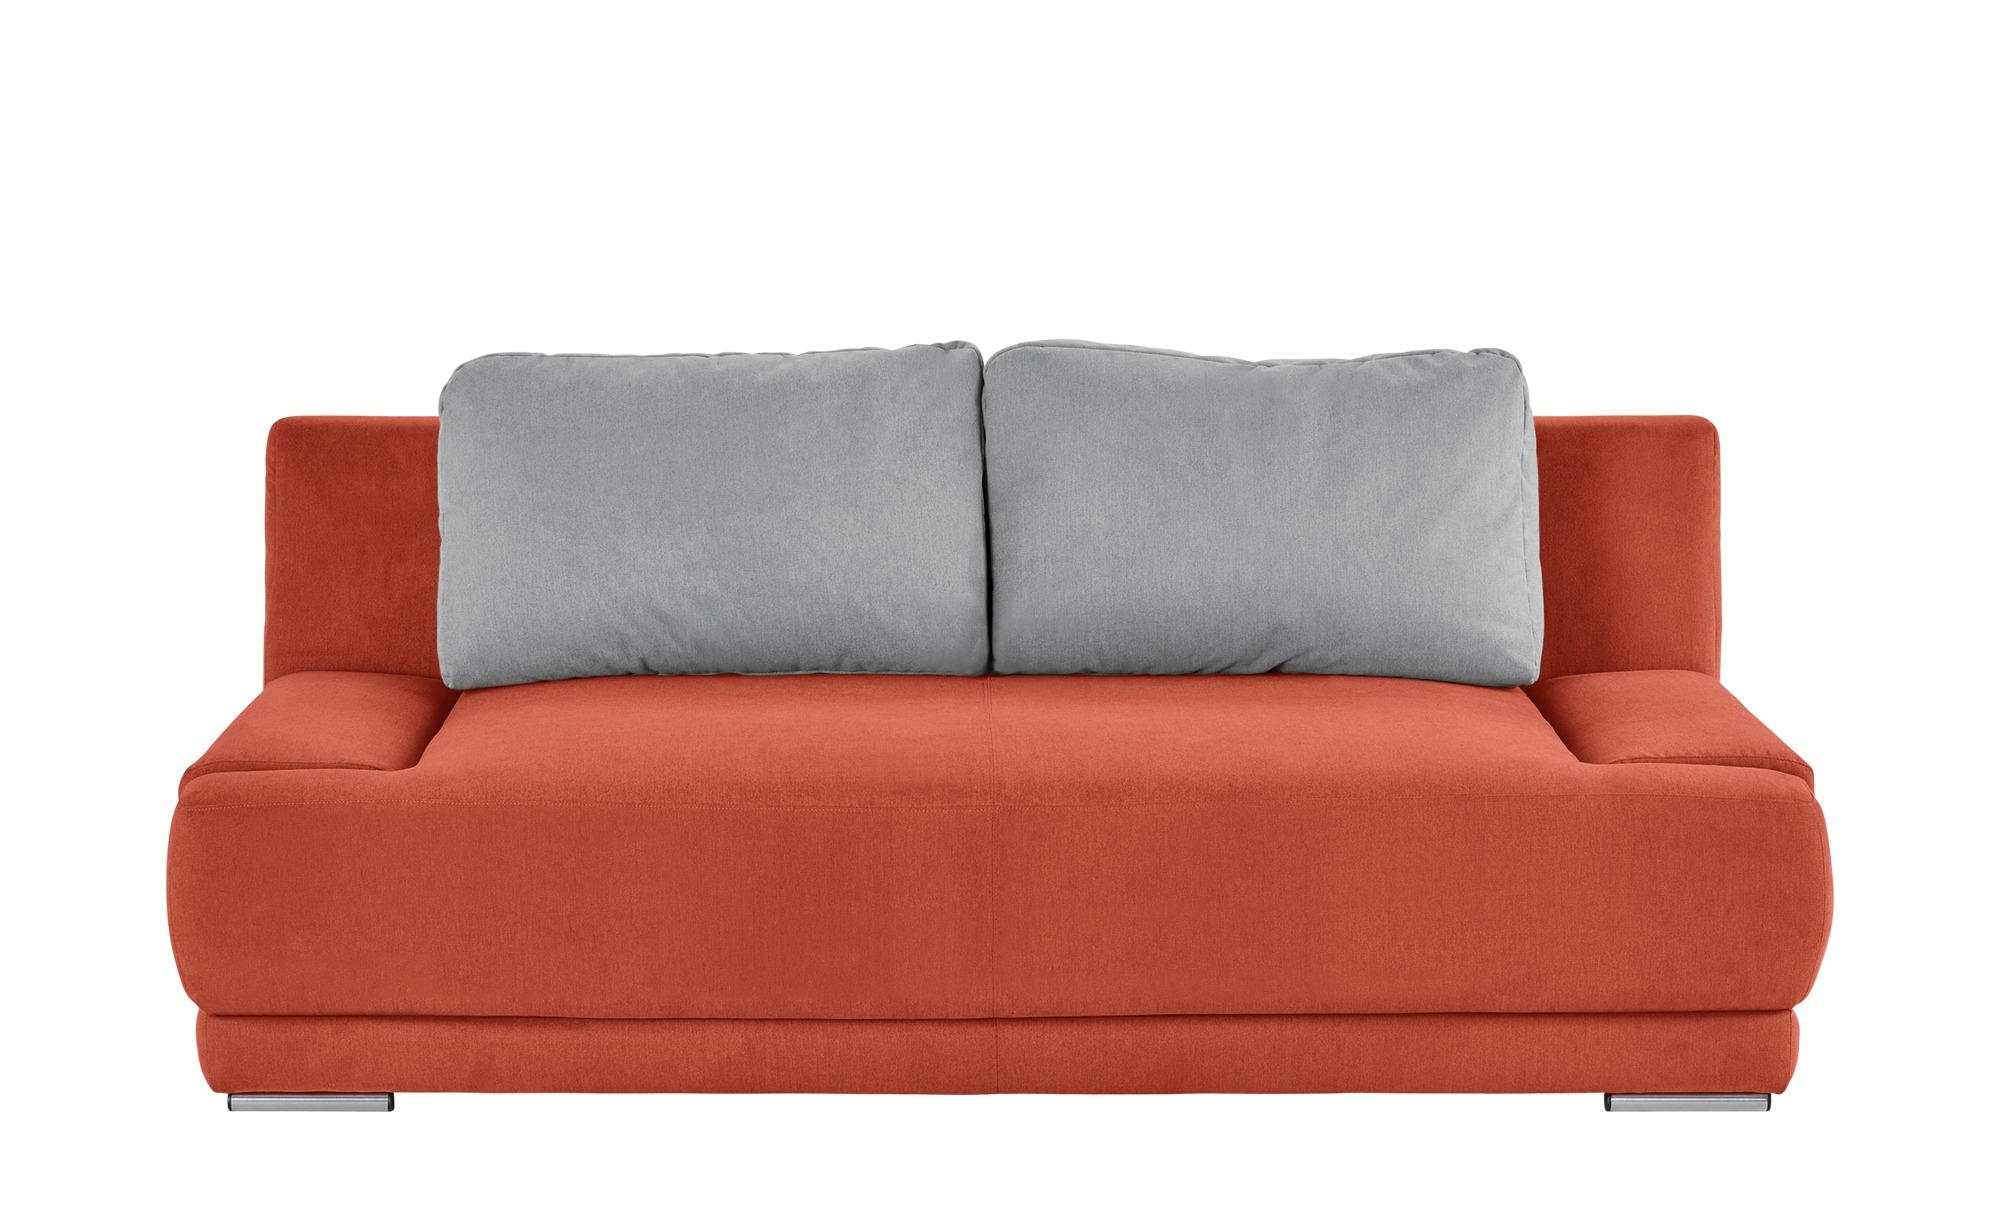 smart Schlafsofa orange/grau - Flachgewebe Regina ¦ orange ¦ Maße (cm): B: 206 H: 83 T: 98 Polstermöbel > Sofas > 2-Sitzer - Höffner